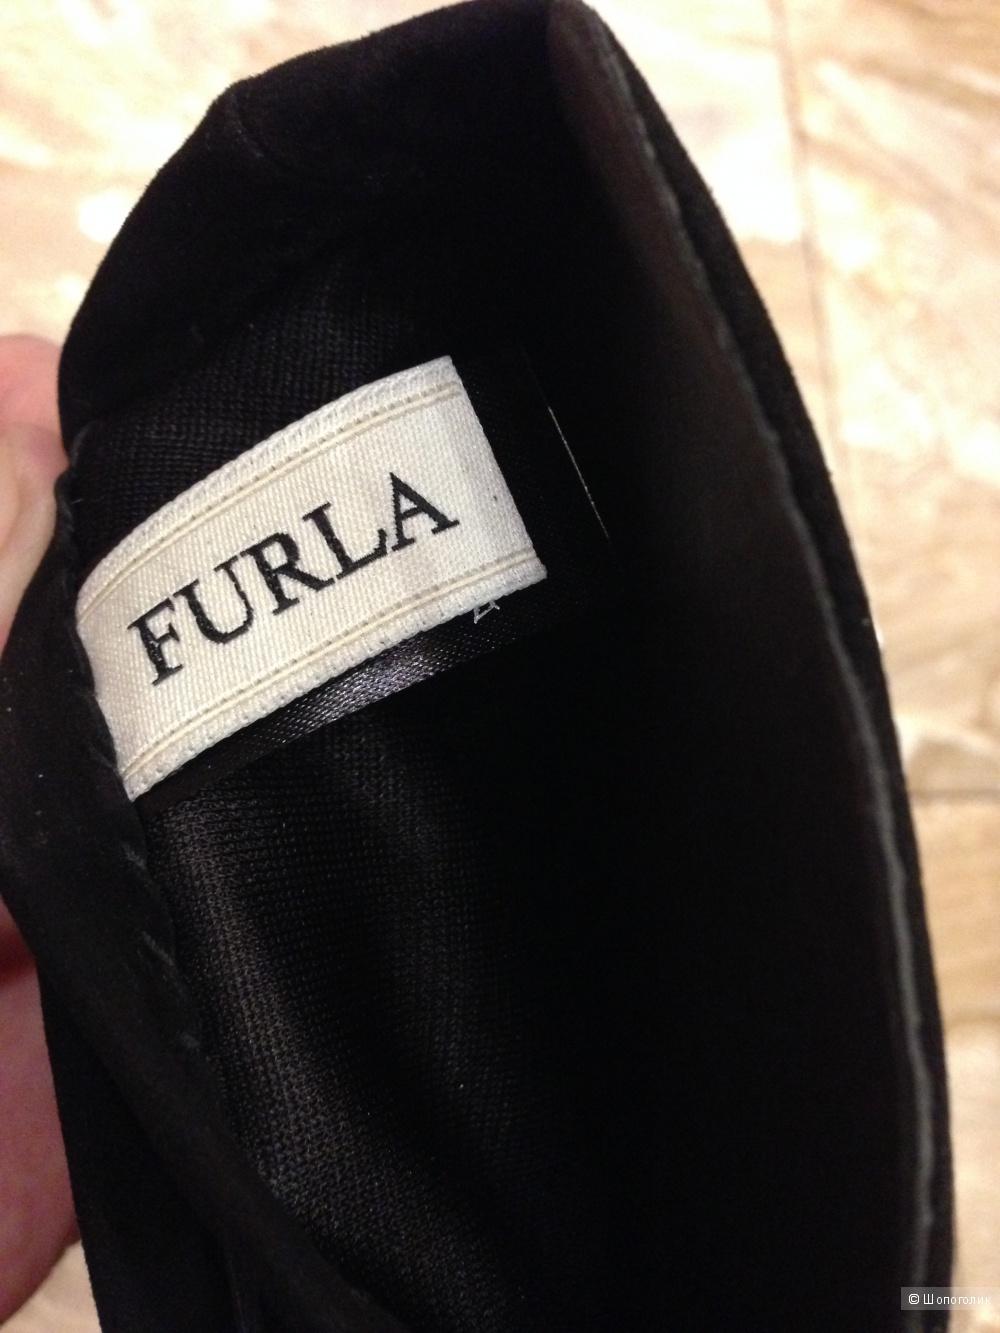 Высокие перчатки FURLA замша р.7.5 Новые.Оригинал